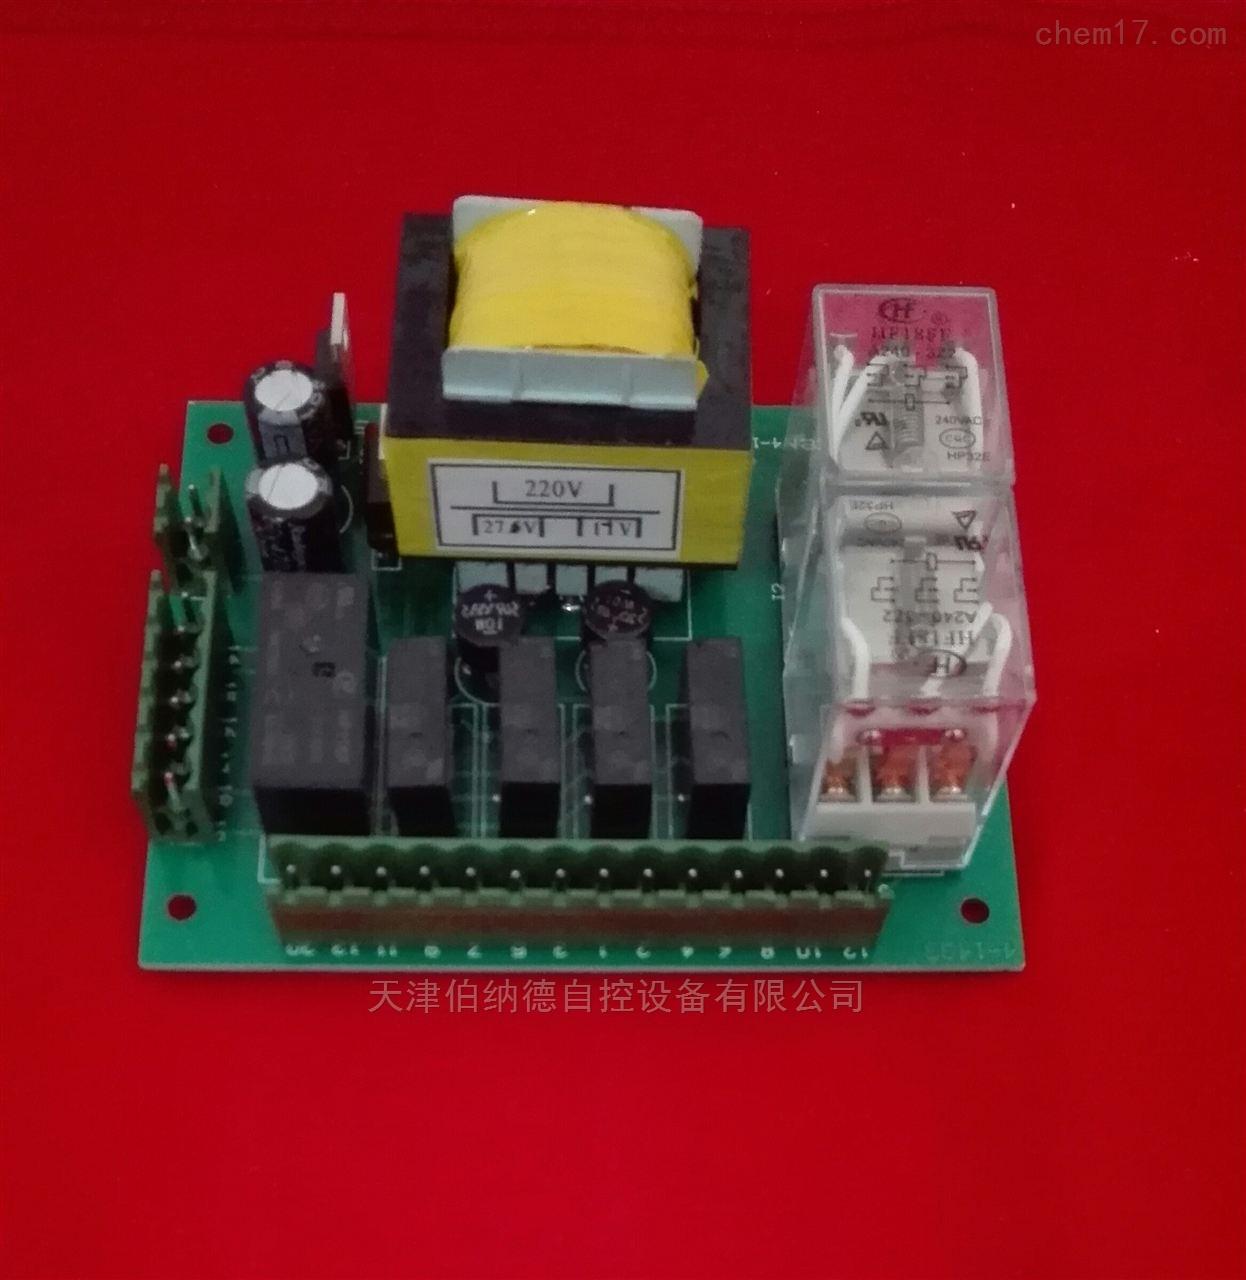 伯纳德电动执行器驱动板 4-1493控制板